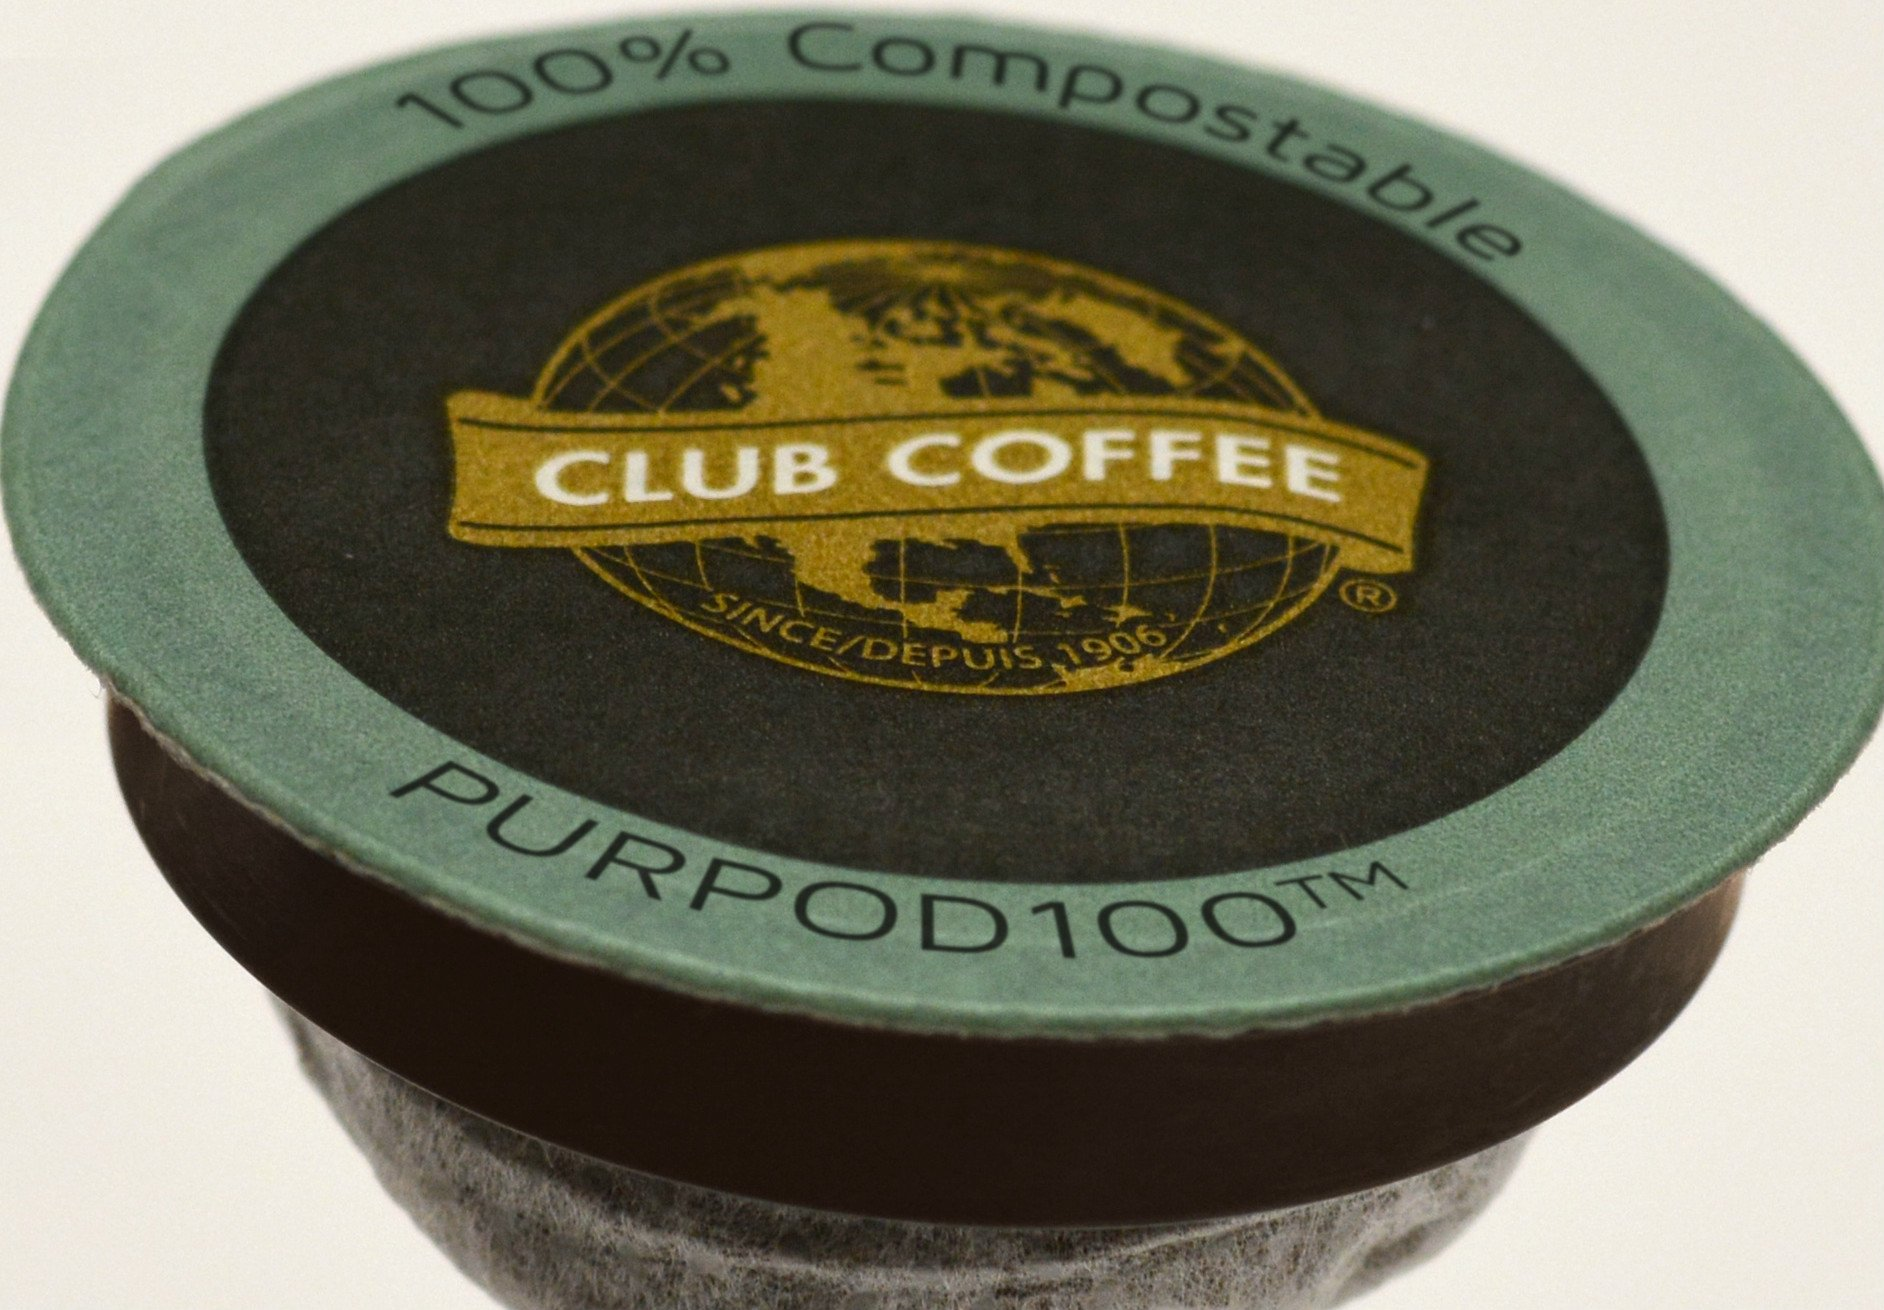 Finalmente alguém inventou cápsulas biodegradáveis para café